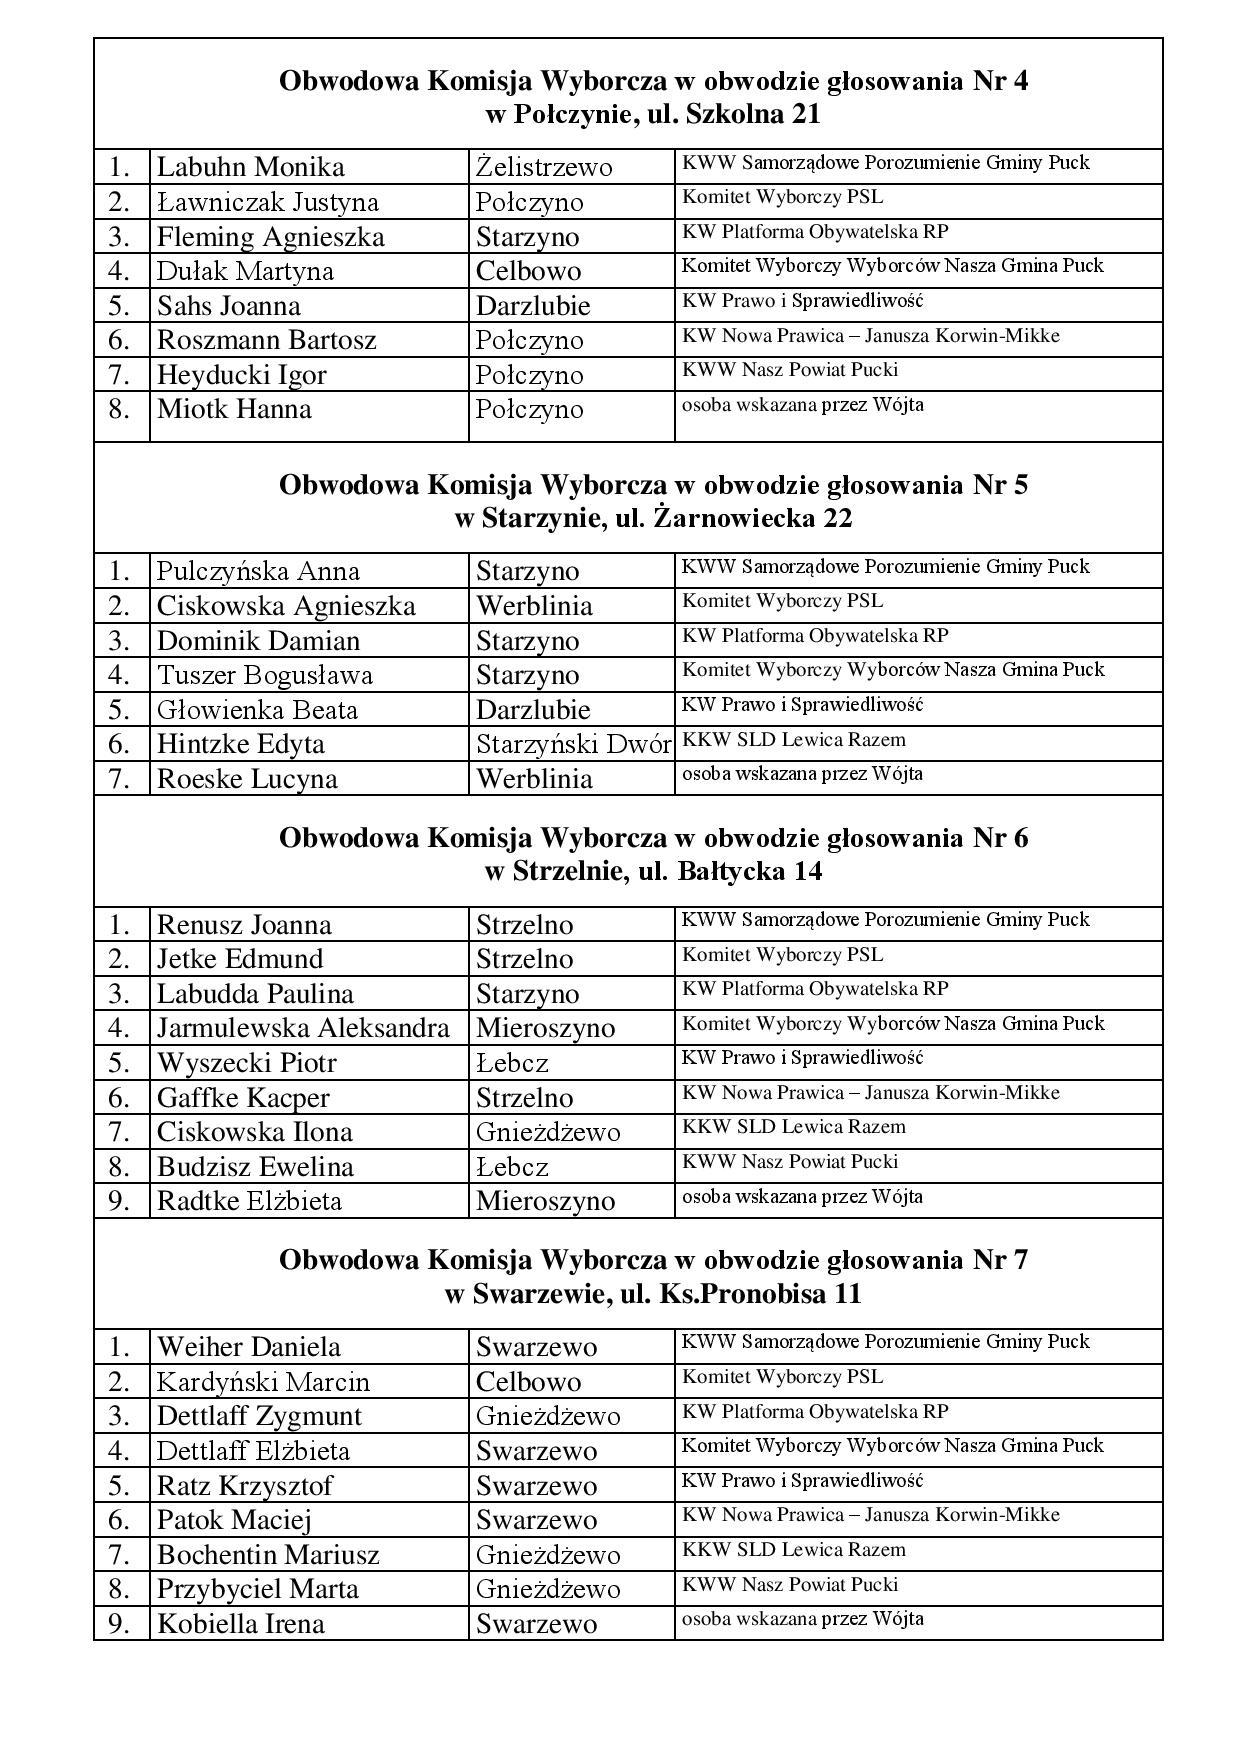 ZAŁĄCZNIK do UCHWAŁY Nr 5 GKW z dnia 22.10.2014 r.-page-002